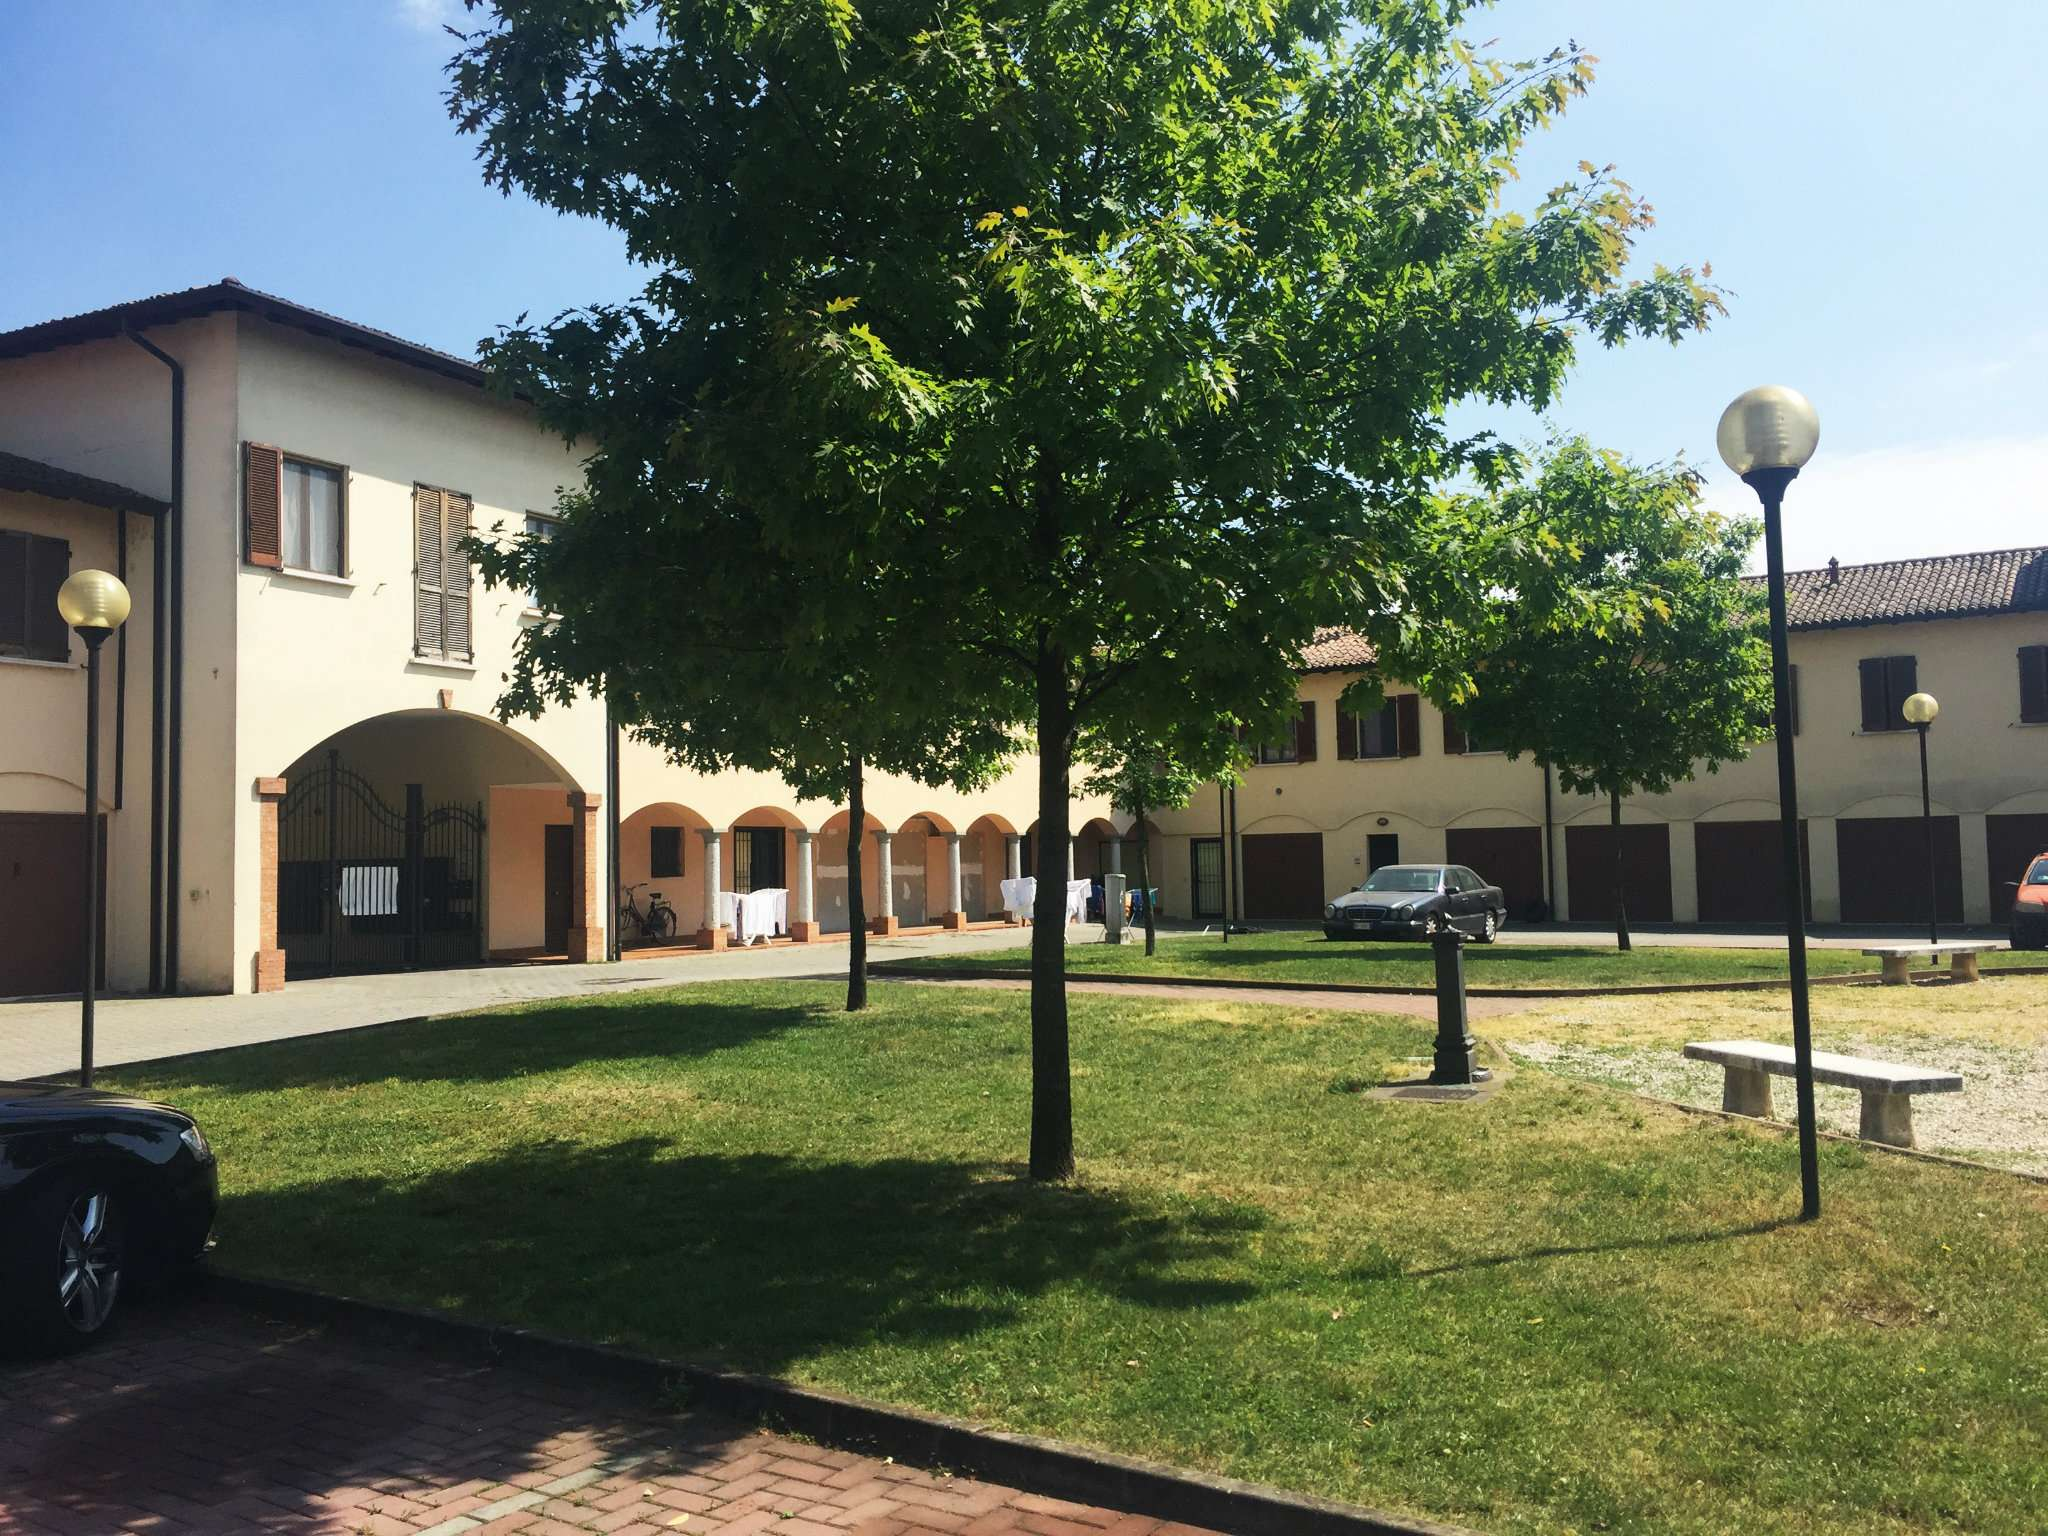 Appartamento in vendita a Borgo San Giacomo, 3 locali, Trattative riservate   CambioCasa.it